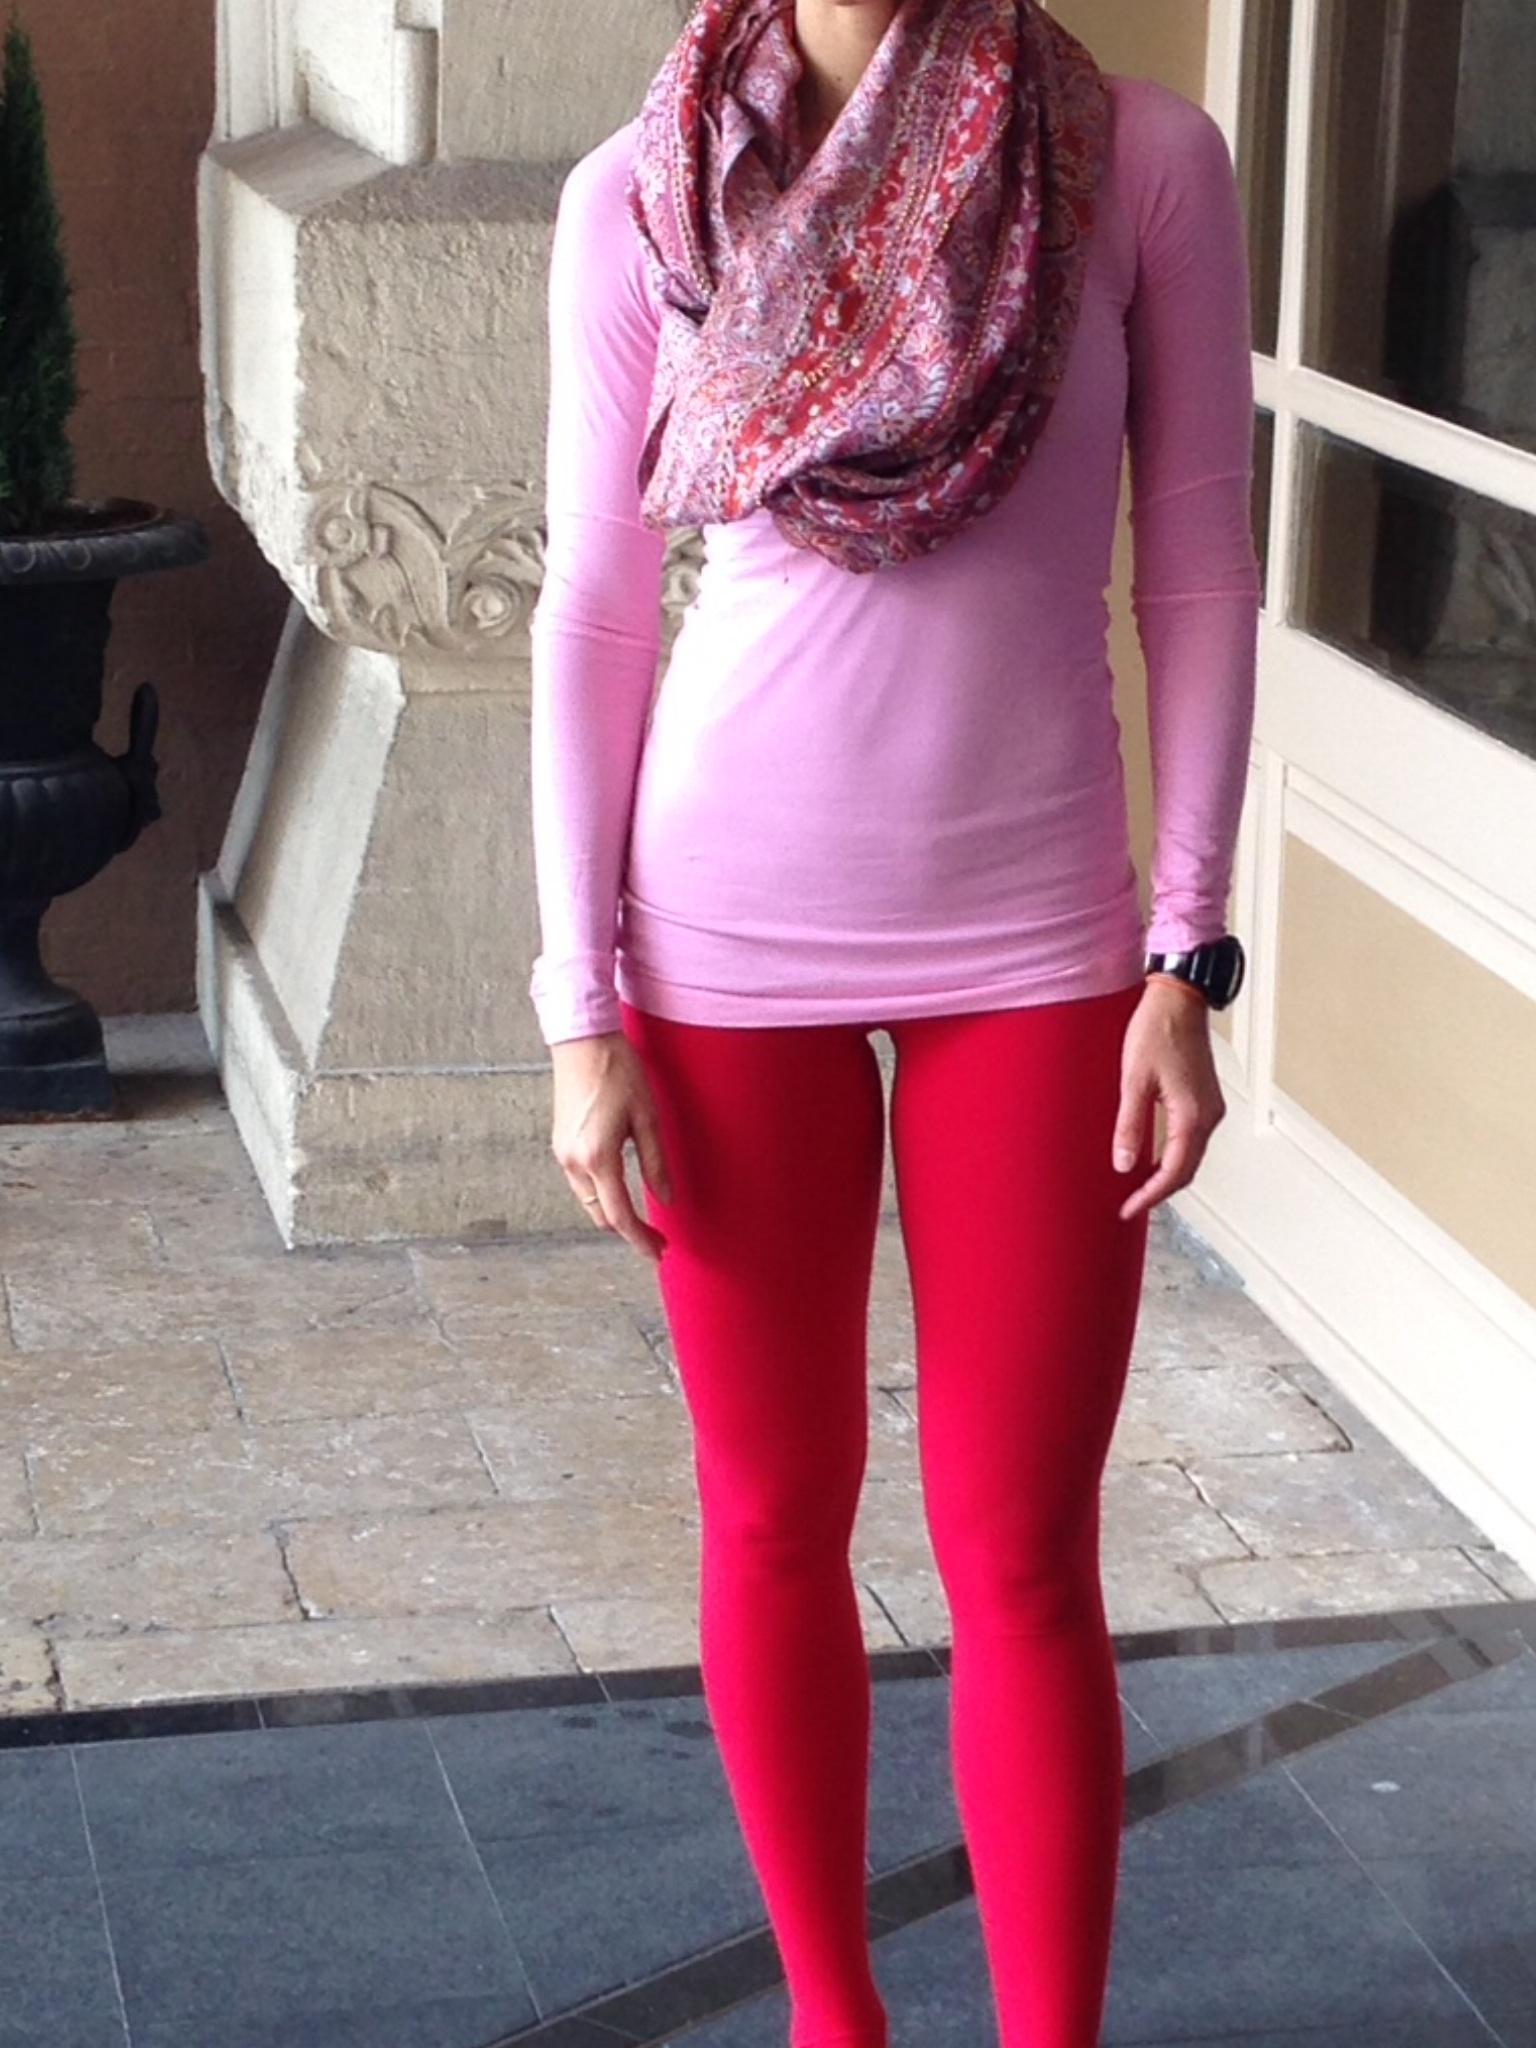 Lulu Lemon - Pink & Red